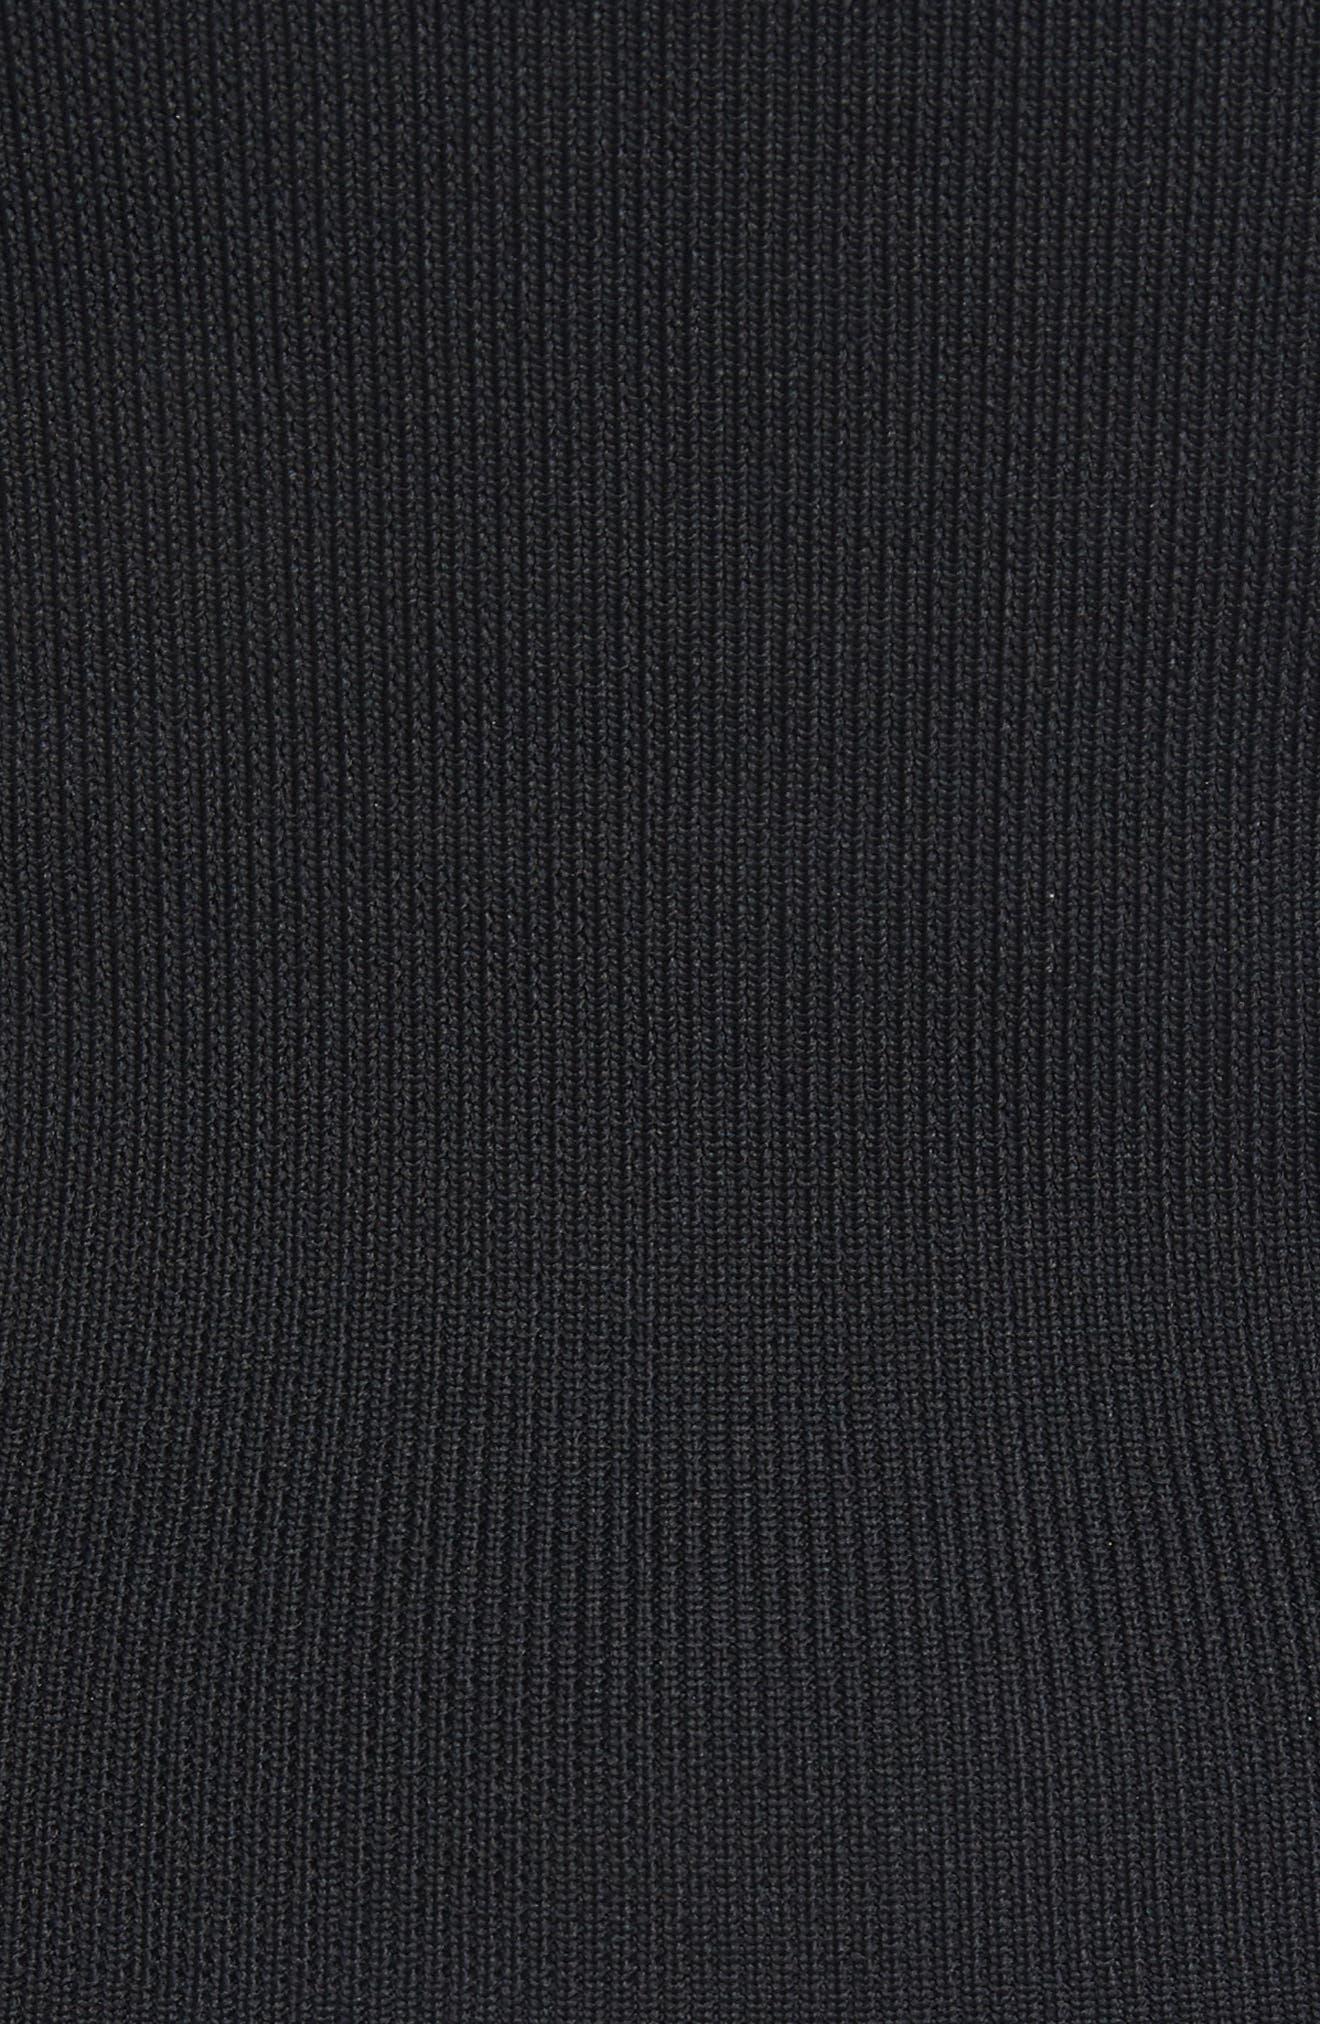 Rib Knit Tube Corset,                             Alternate thumbnail 5, color,                             Black